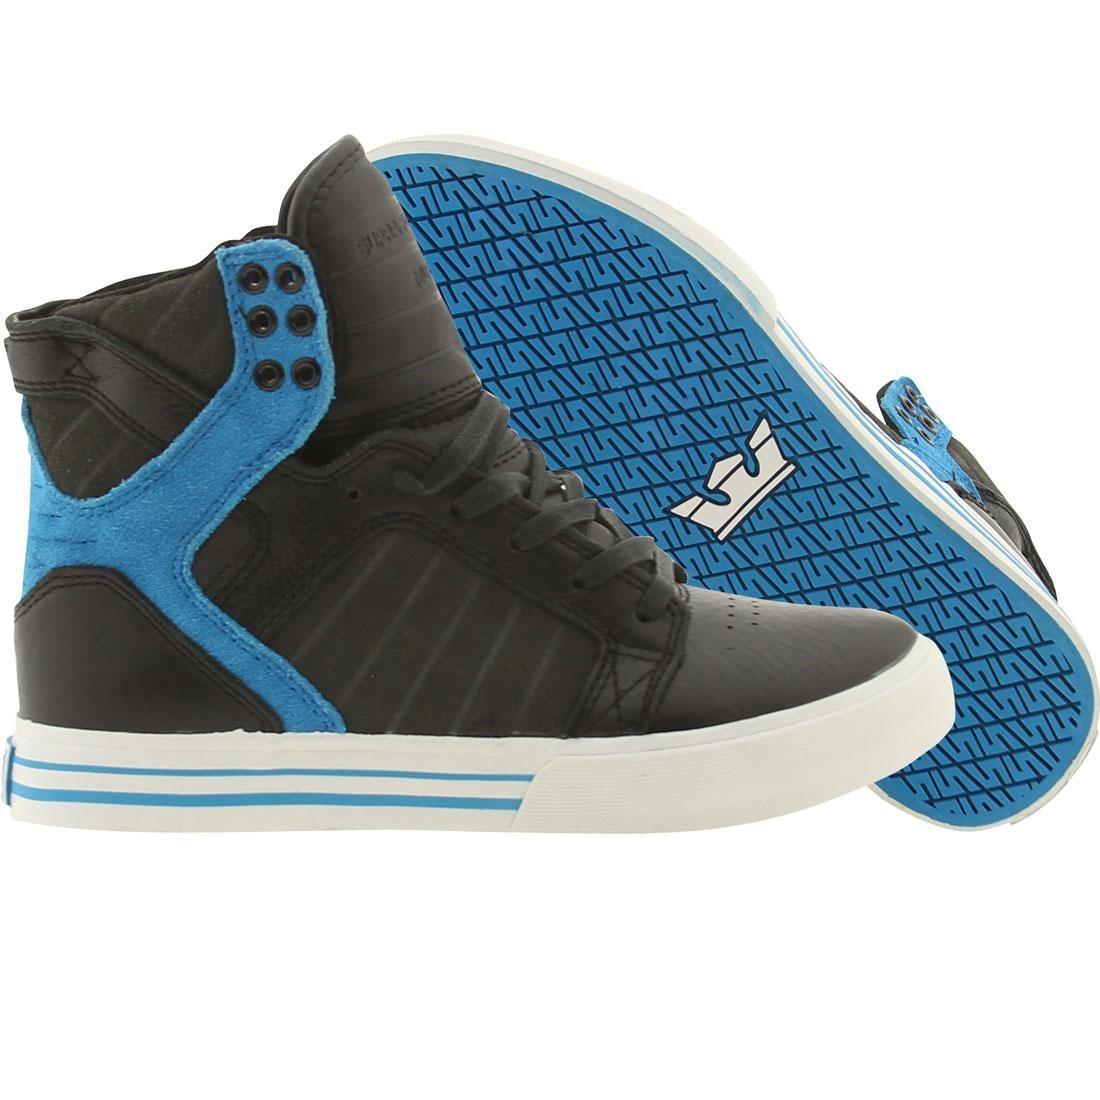 【海外限定】スープラ スカイトップ GRAY灰色 グレイ 靴 スニーカー 【 SUPRA GREY SKYTOP BLACK BLUE 】